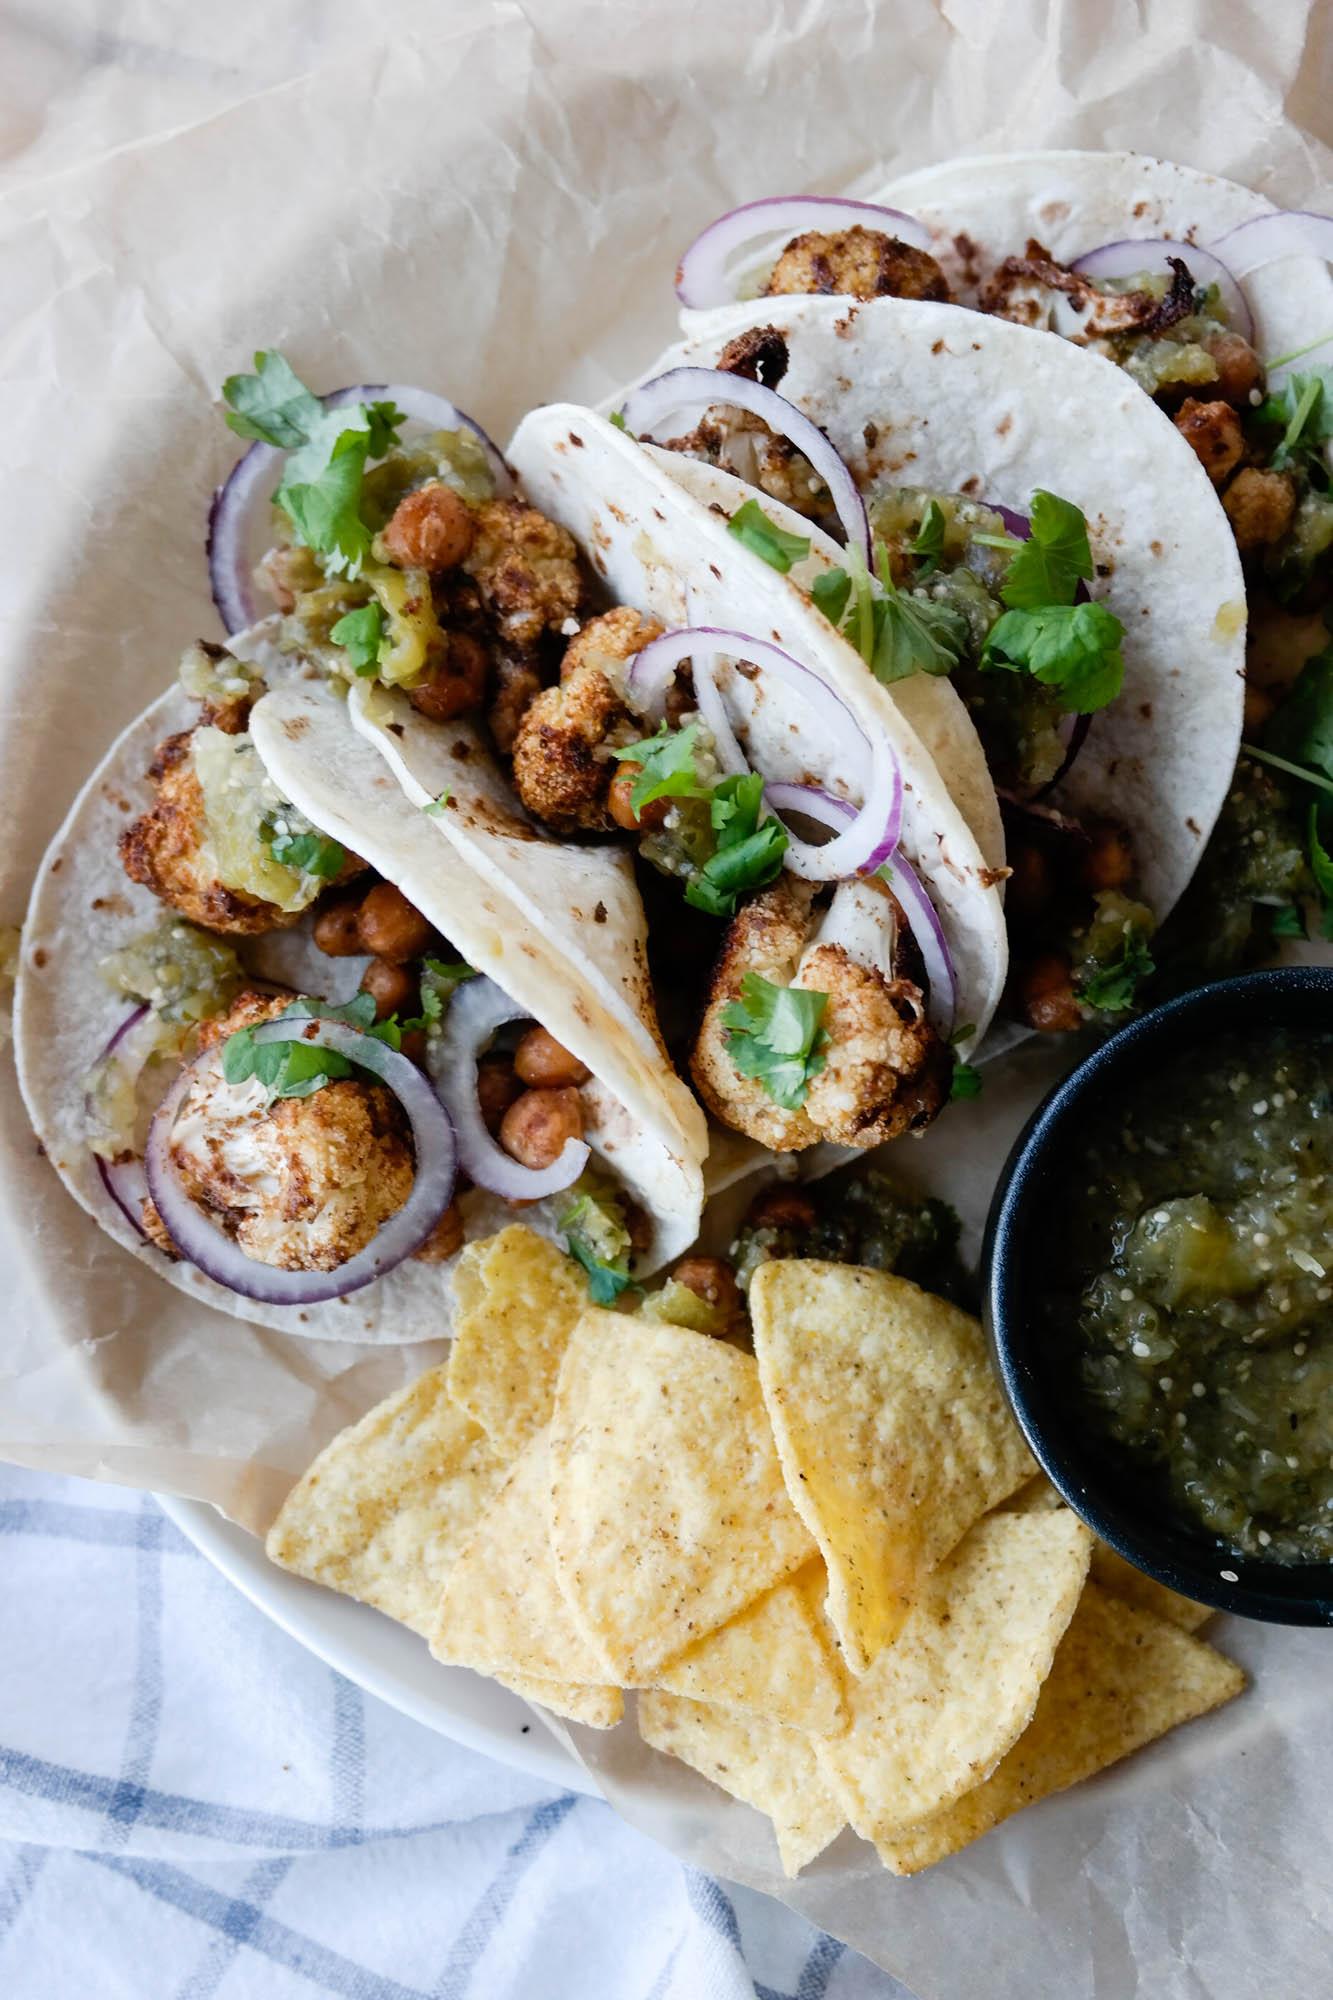 Blomkål i taco? Er det kødd? Niks. Ikke kødd.